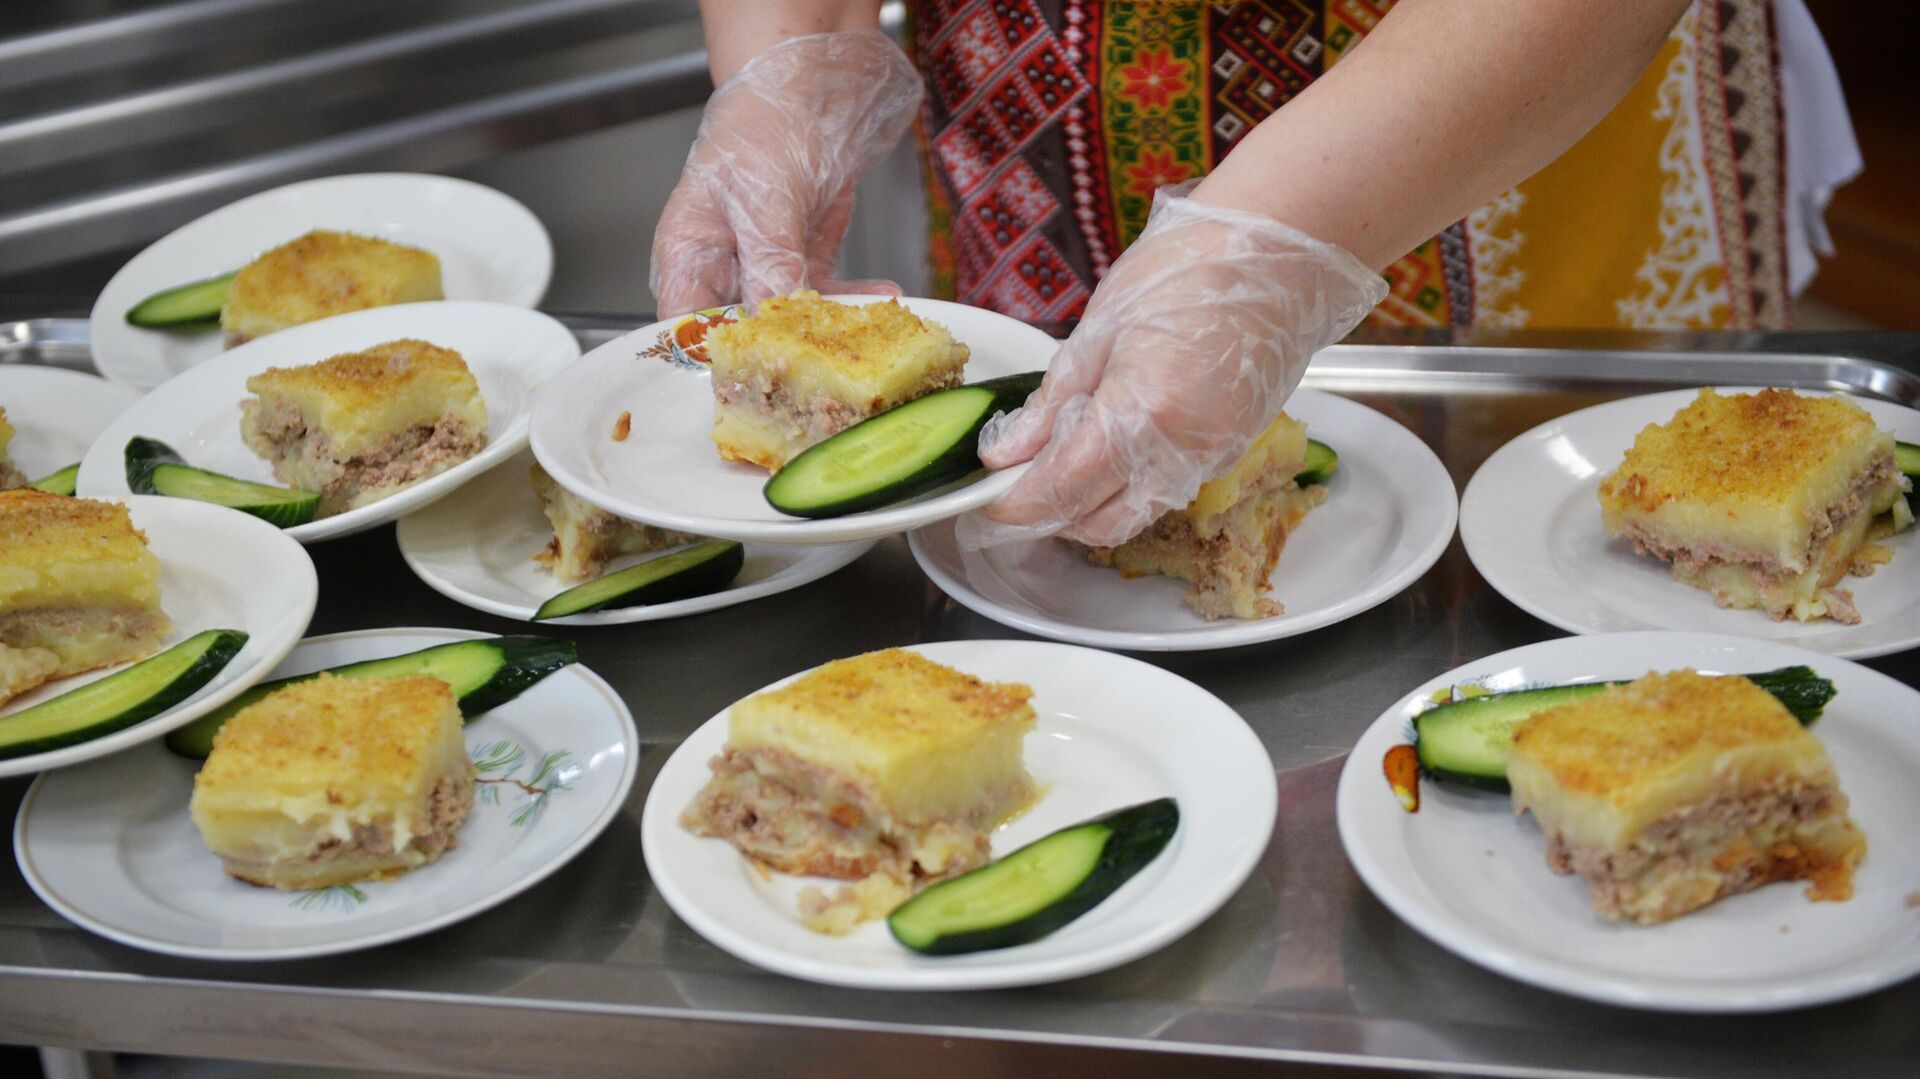 Работница школьной столовой разносит тарелки с едой  - РИА Новости, 1920, 14.05.2021